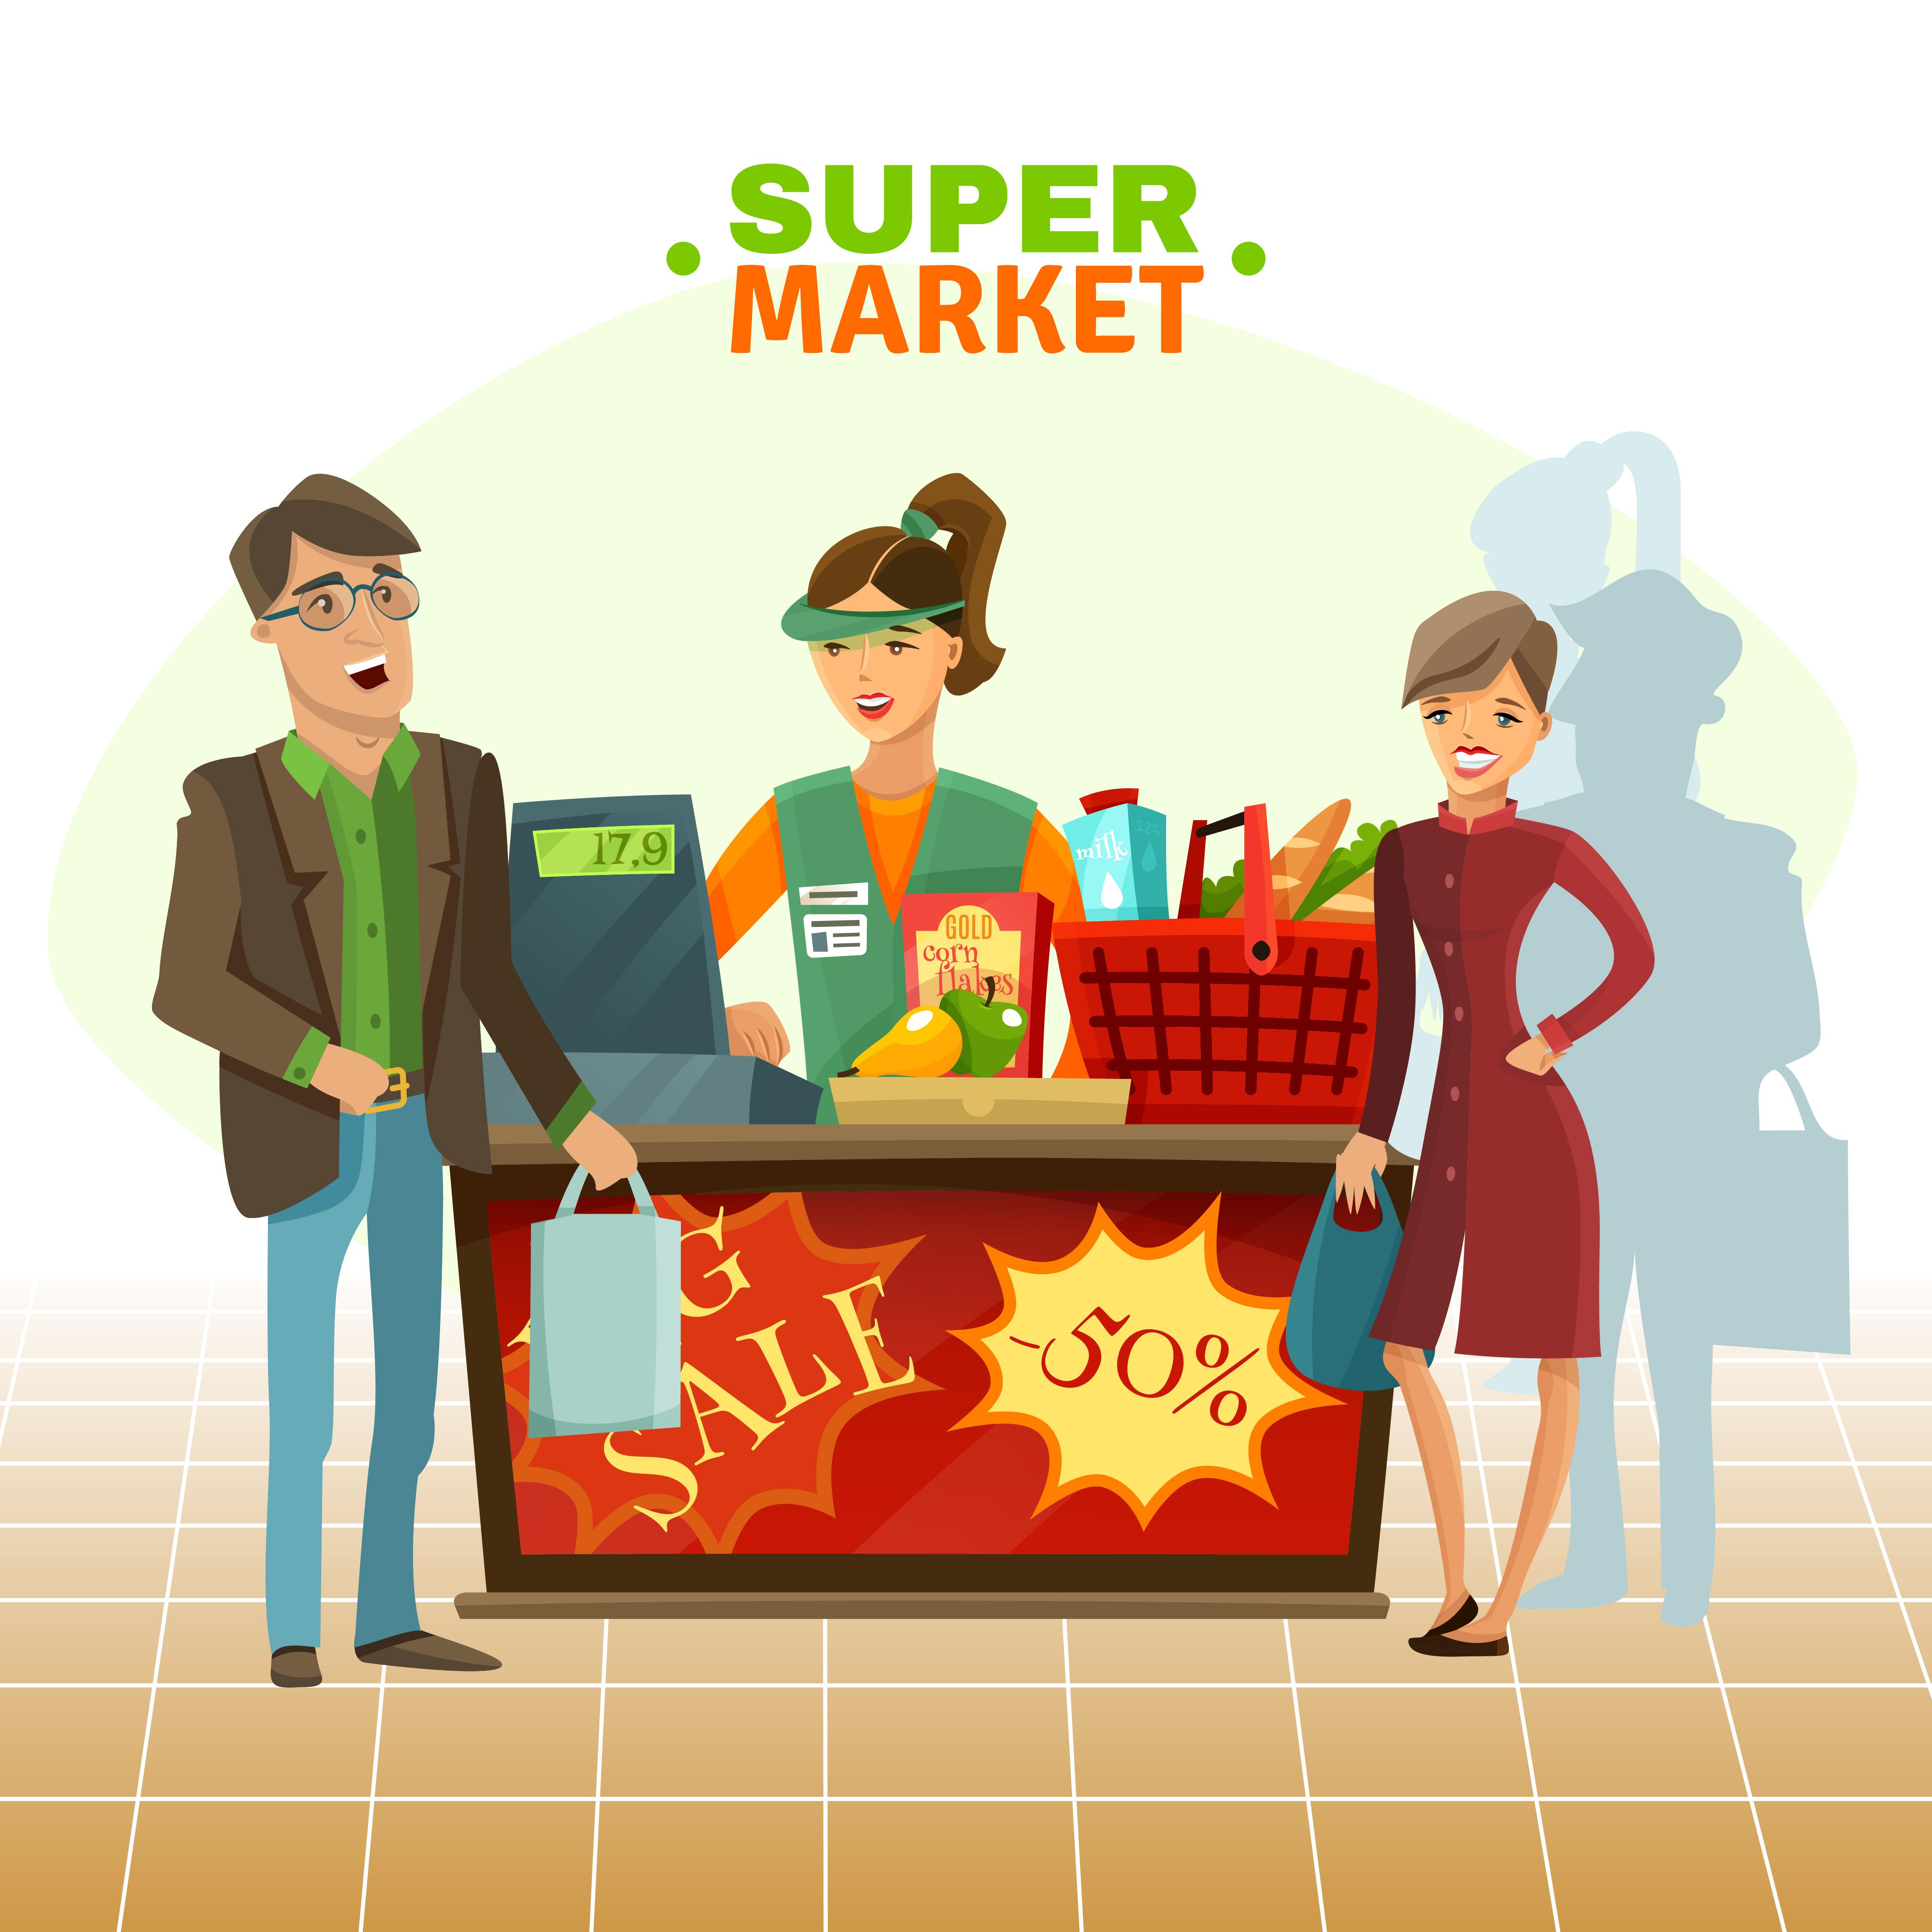 Cashier Cartoons: Supermarket Cashier Cartoon Illustration